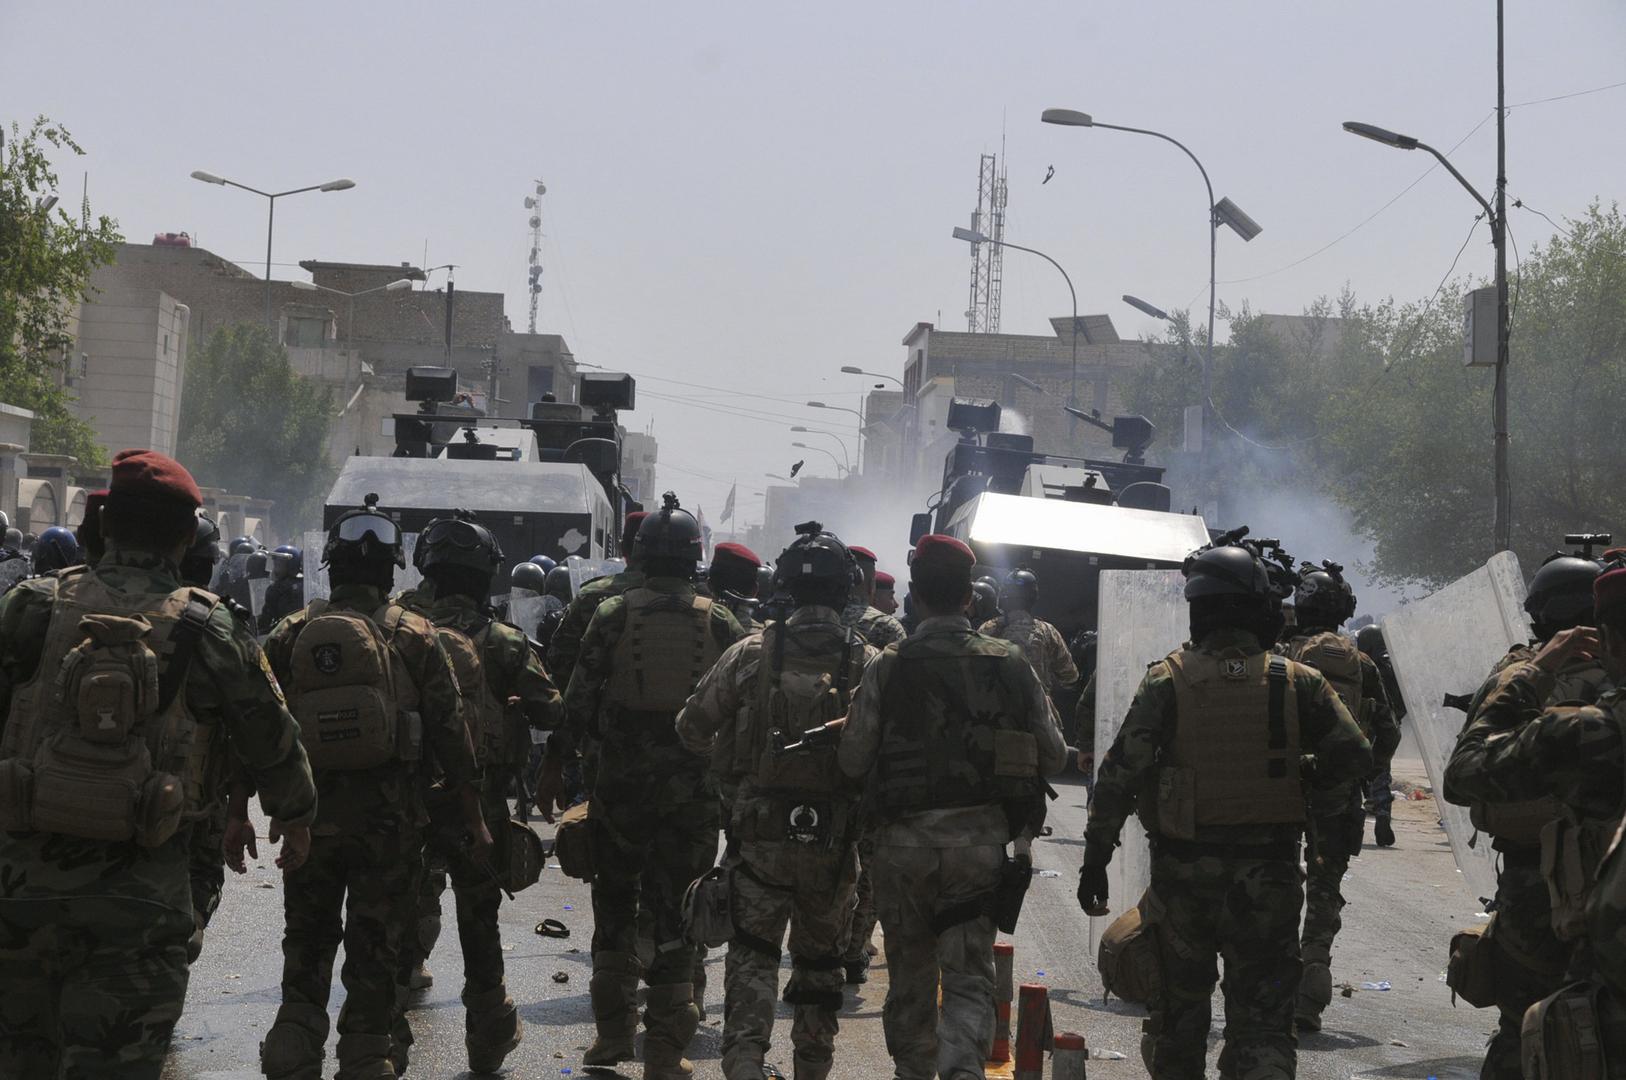 القضاء العراقي يأمر بتوقيف المسؤول عن الملف الأمني في أحداث ذي قار